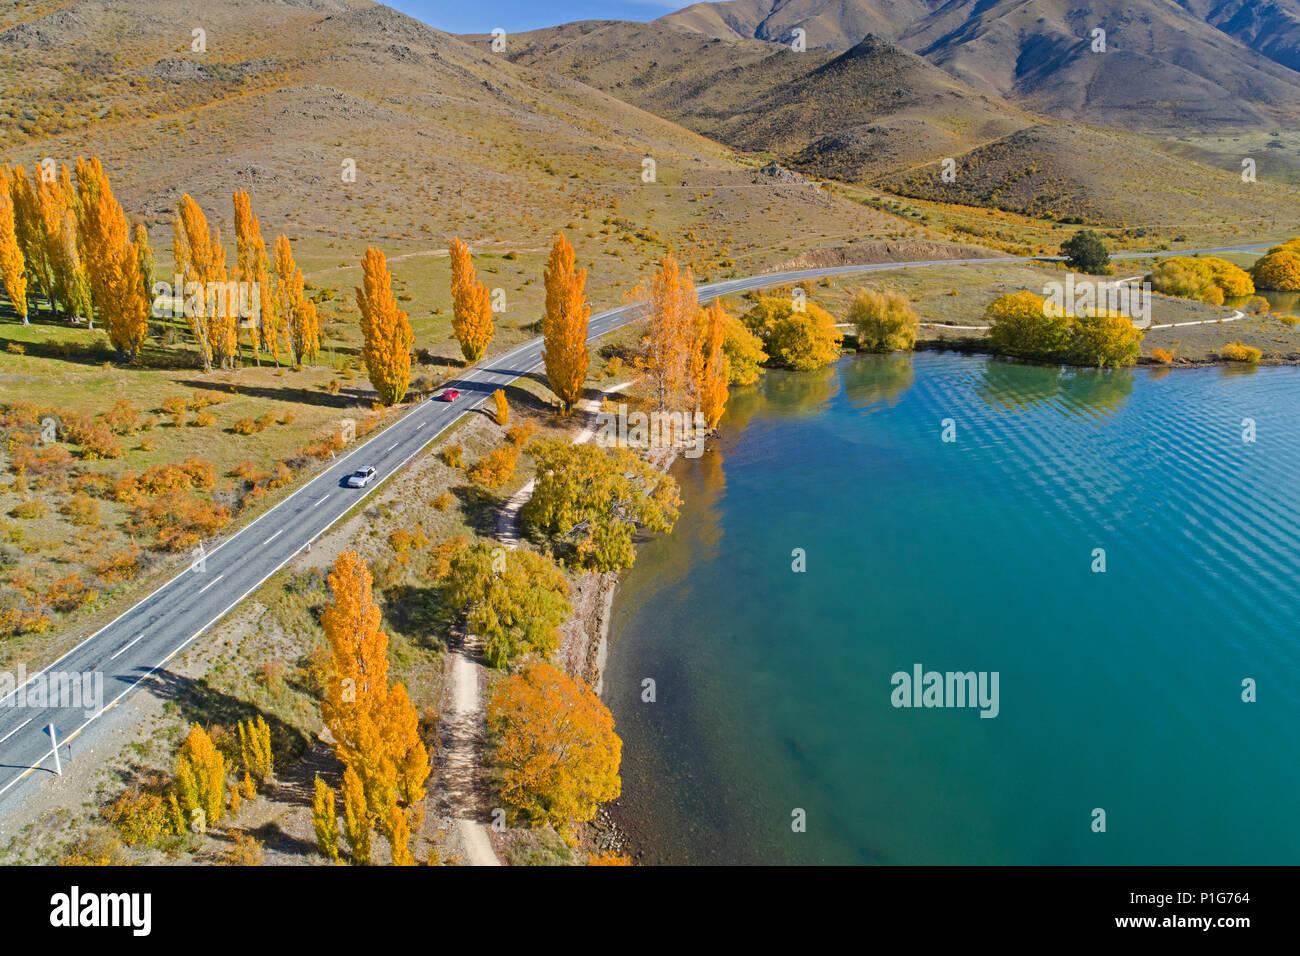 L'autoroute et les Alpes 2 Cycle de l'océan, le sentier et le lac Benmore, Waitaki Valley, North Otago, île du Sud, Nouvelle-Zélande - Antenne de drone Photo Stock